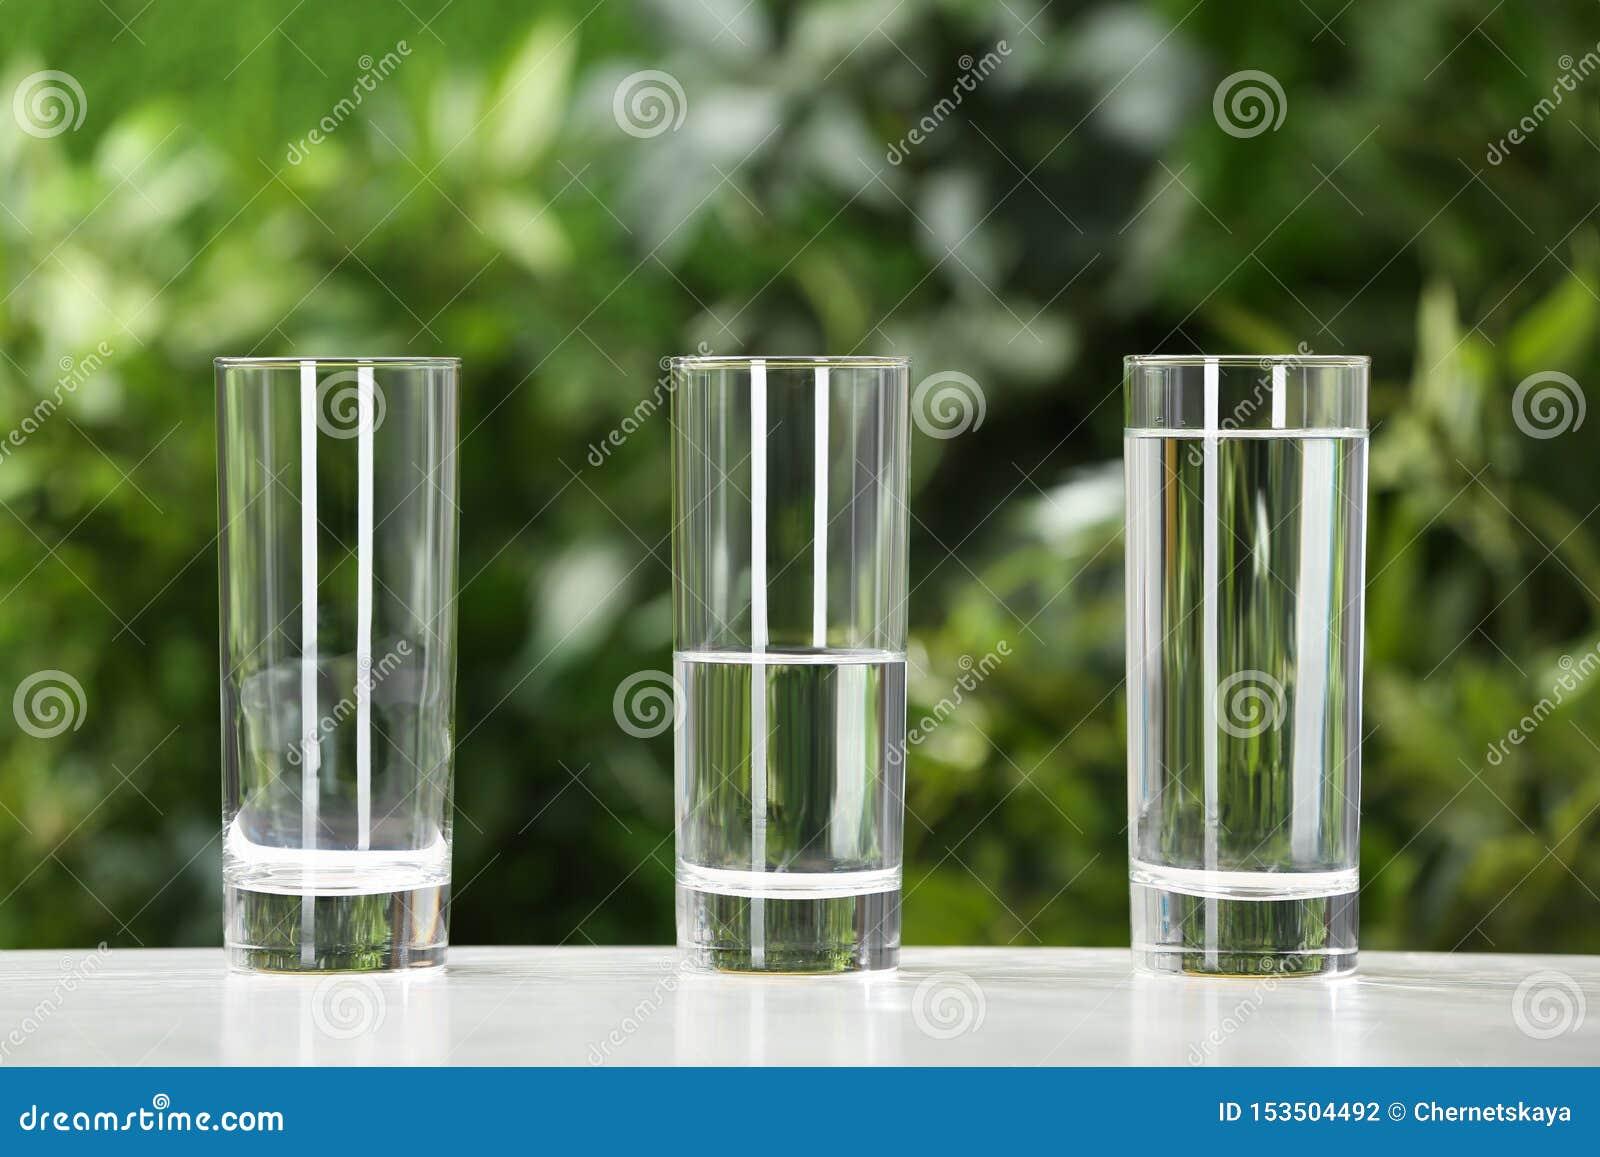 Пустые, половинные и полные стекла воды на белой таблице